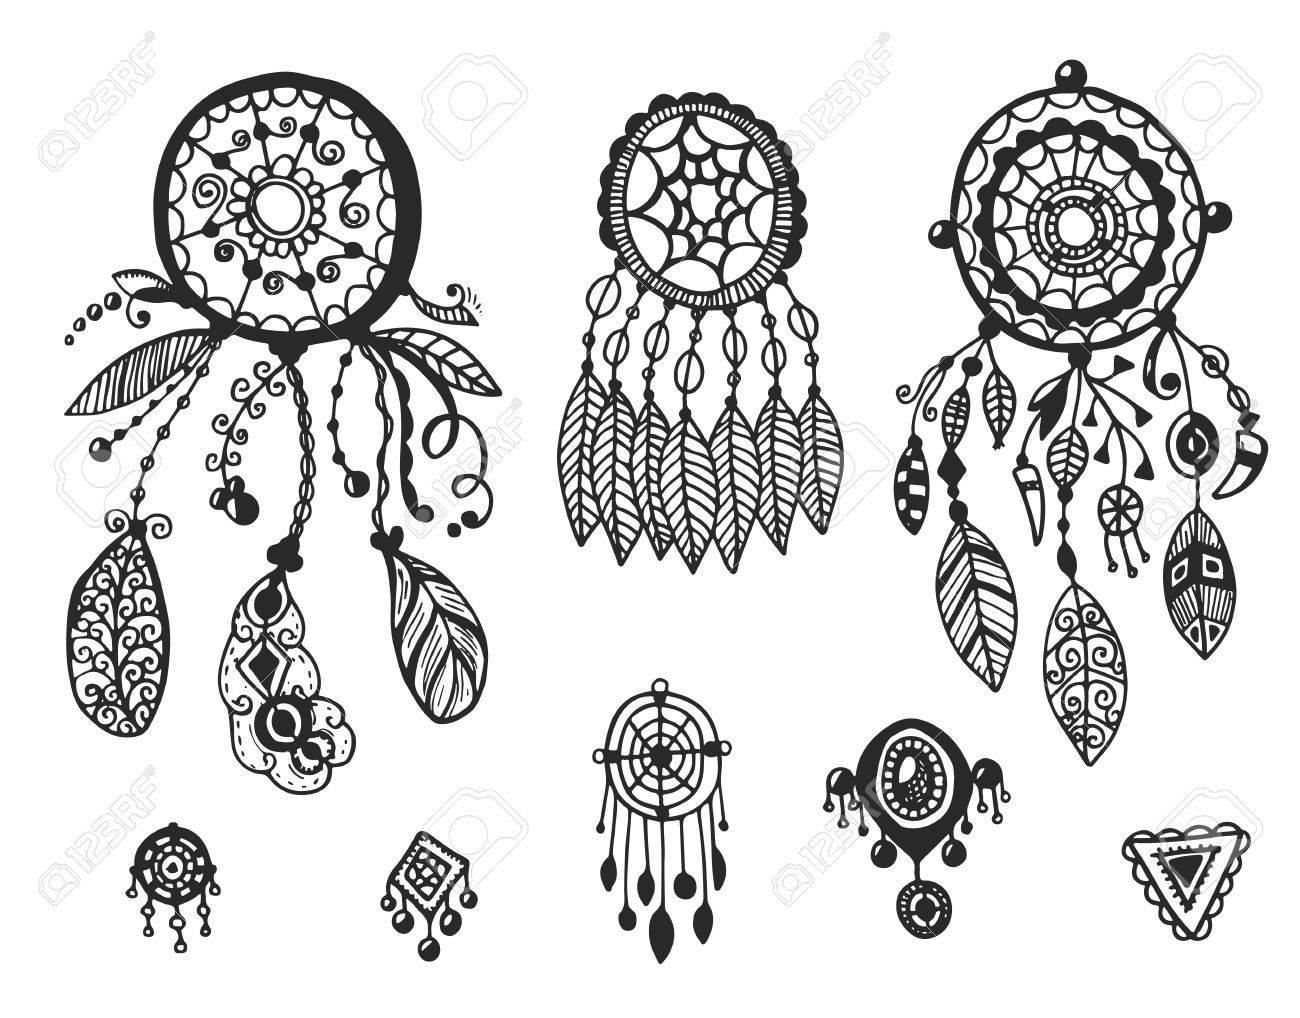 Tribal Colección De Elementos Vectoriales Dibujado A Mano Indio